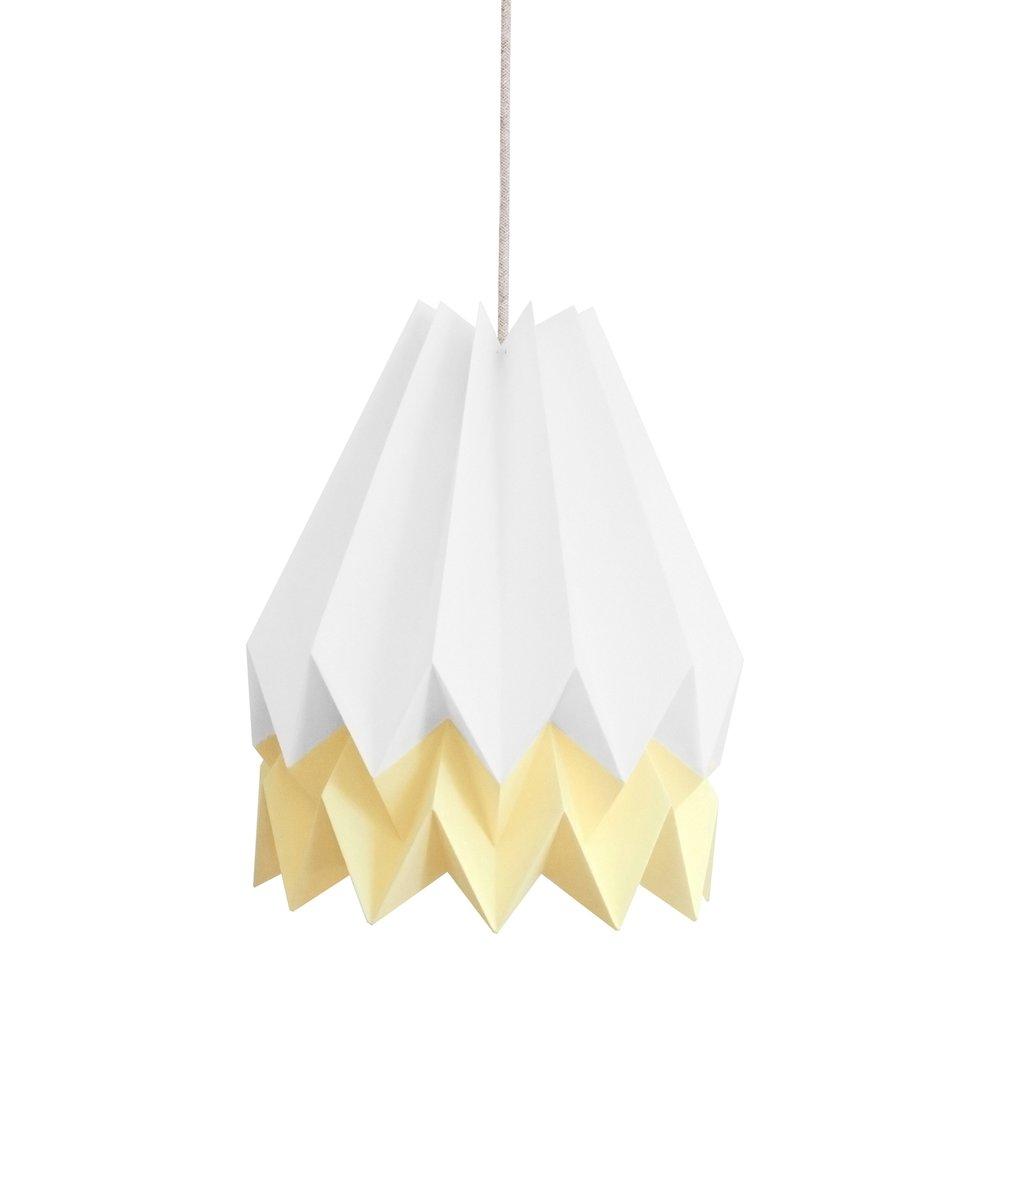 Polarweiße Origami Lampe mit hellgelbem Streifen von Orikomi